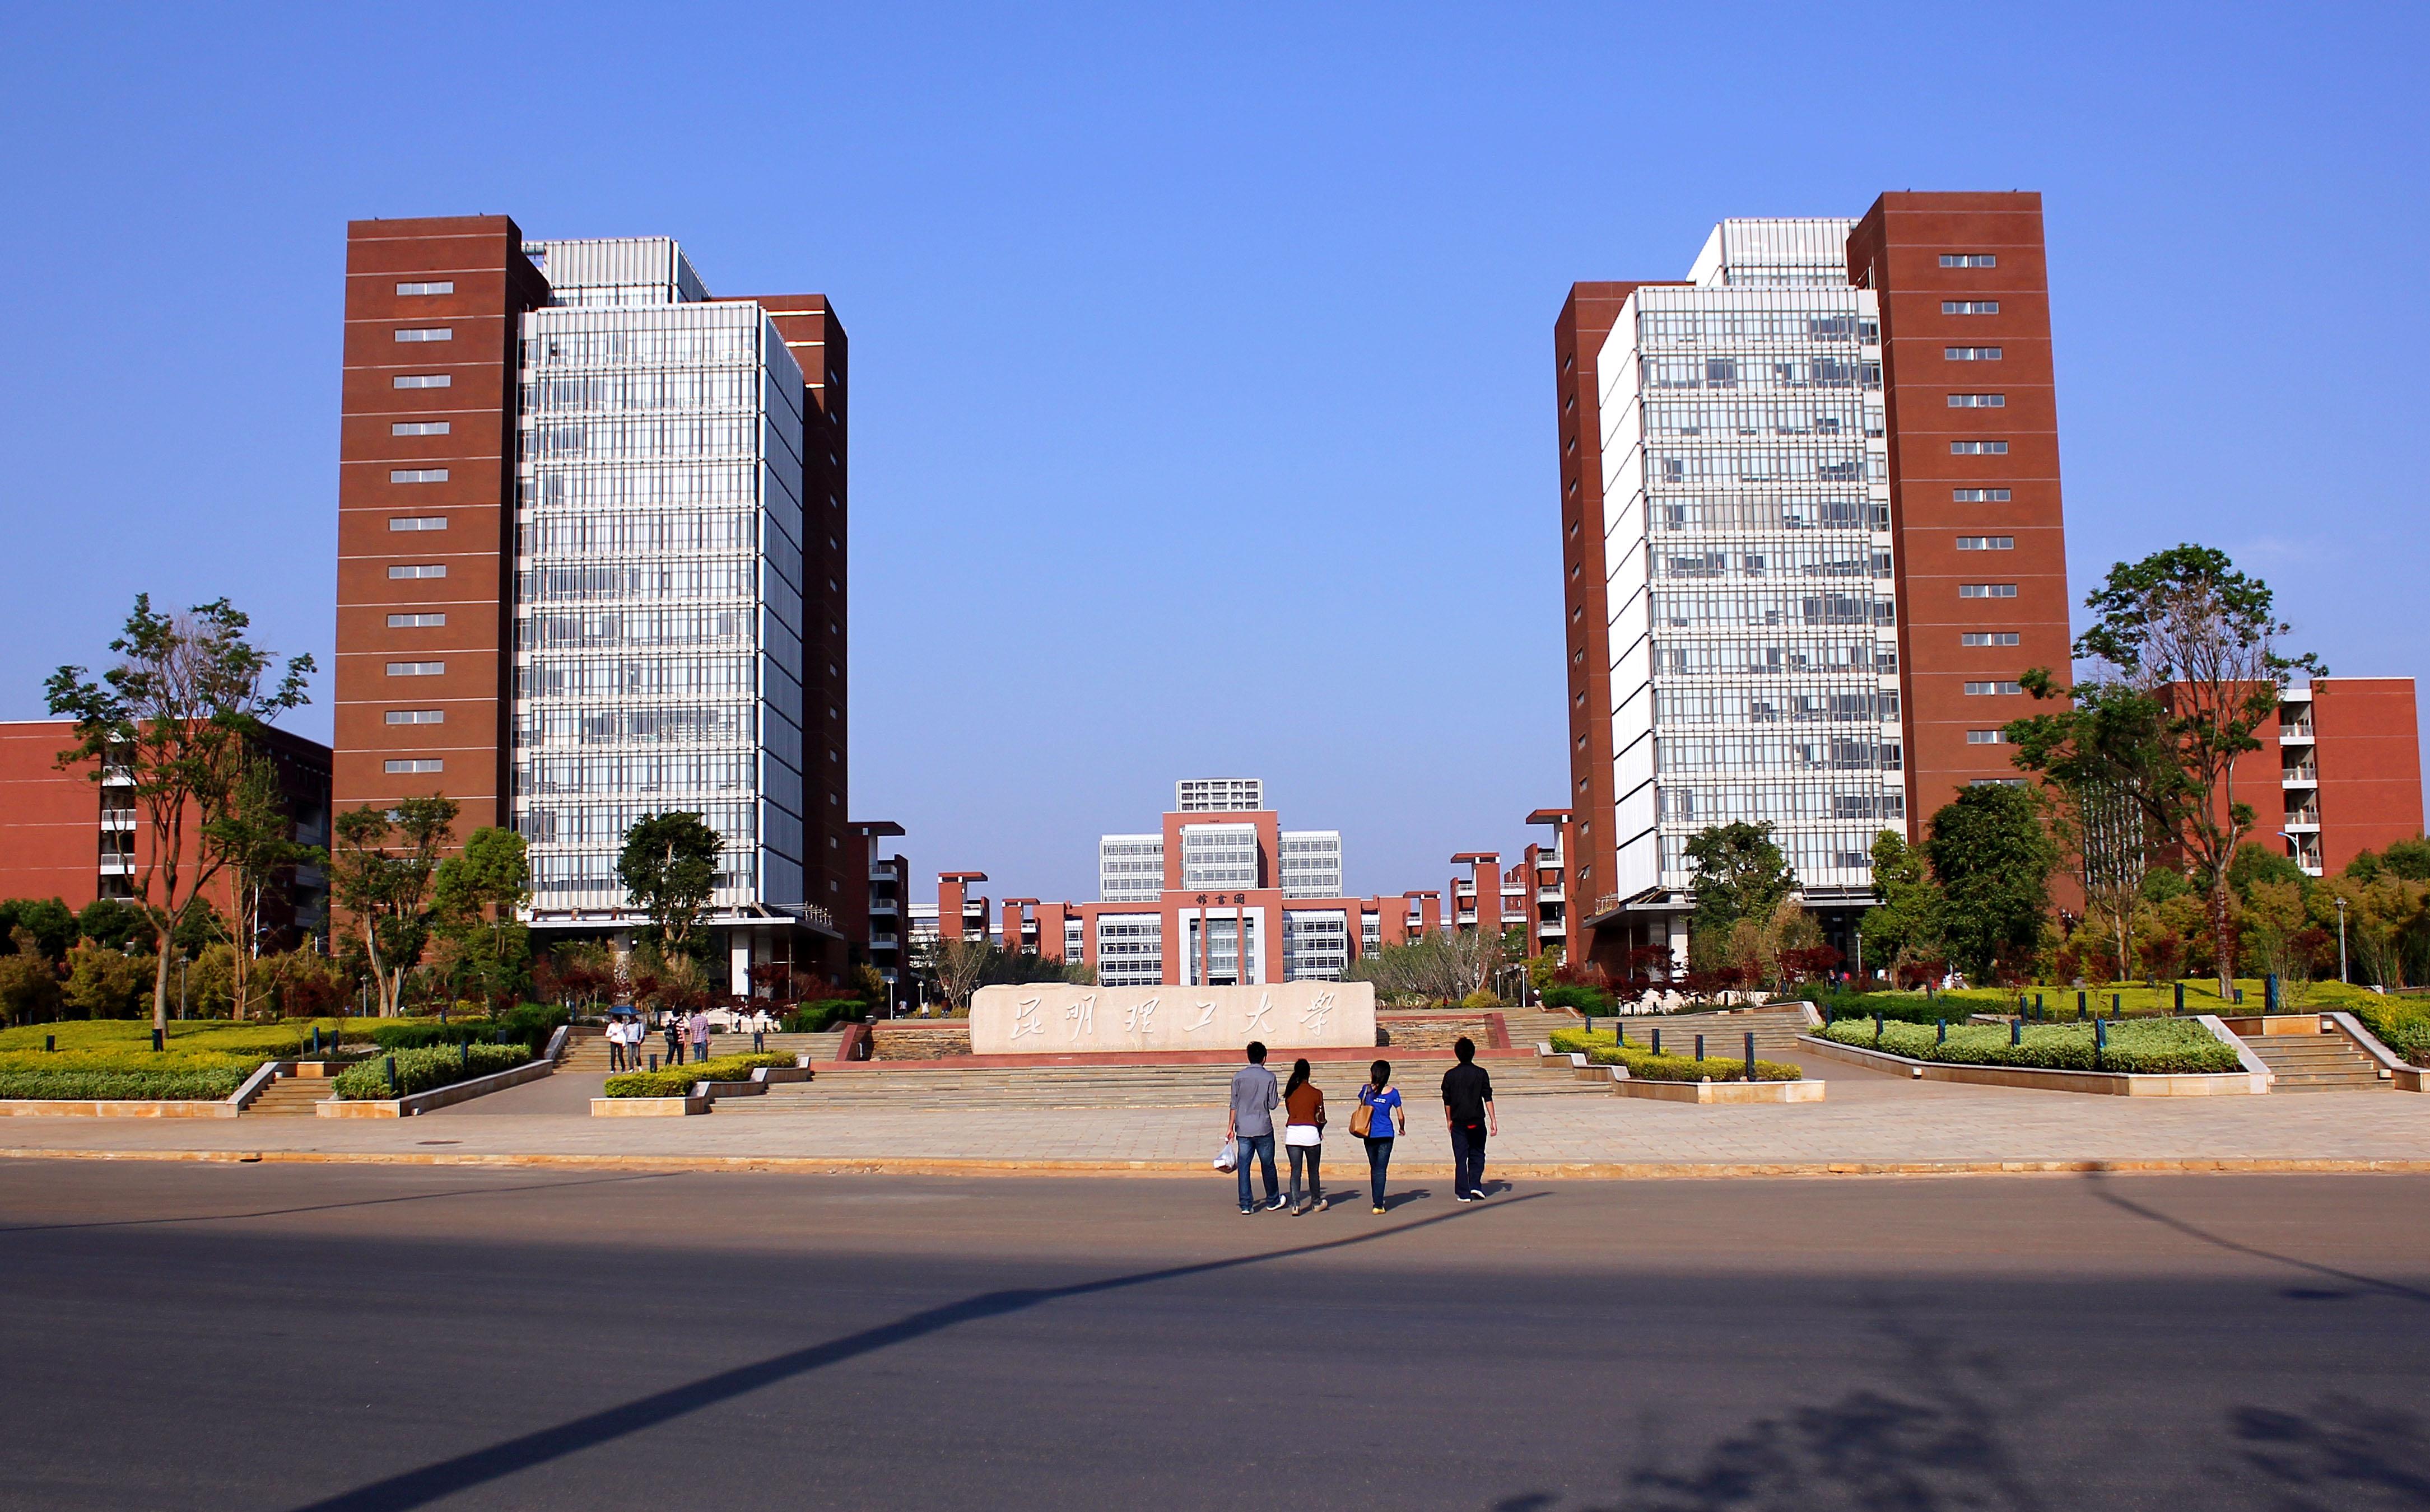 Kunming University Campus